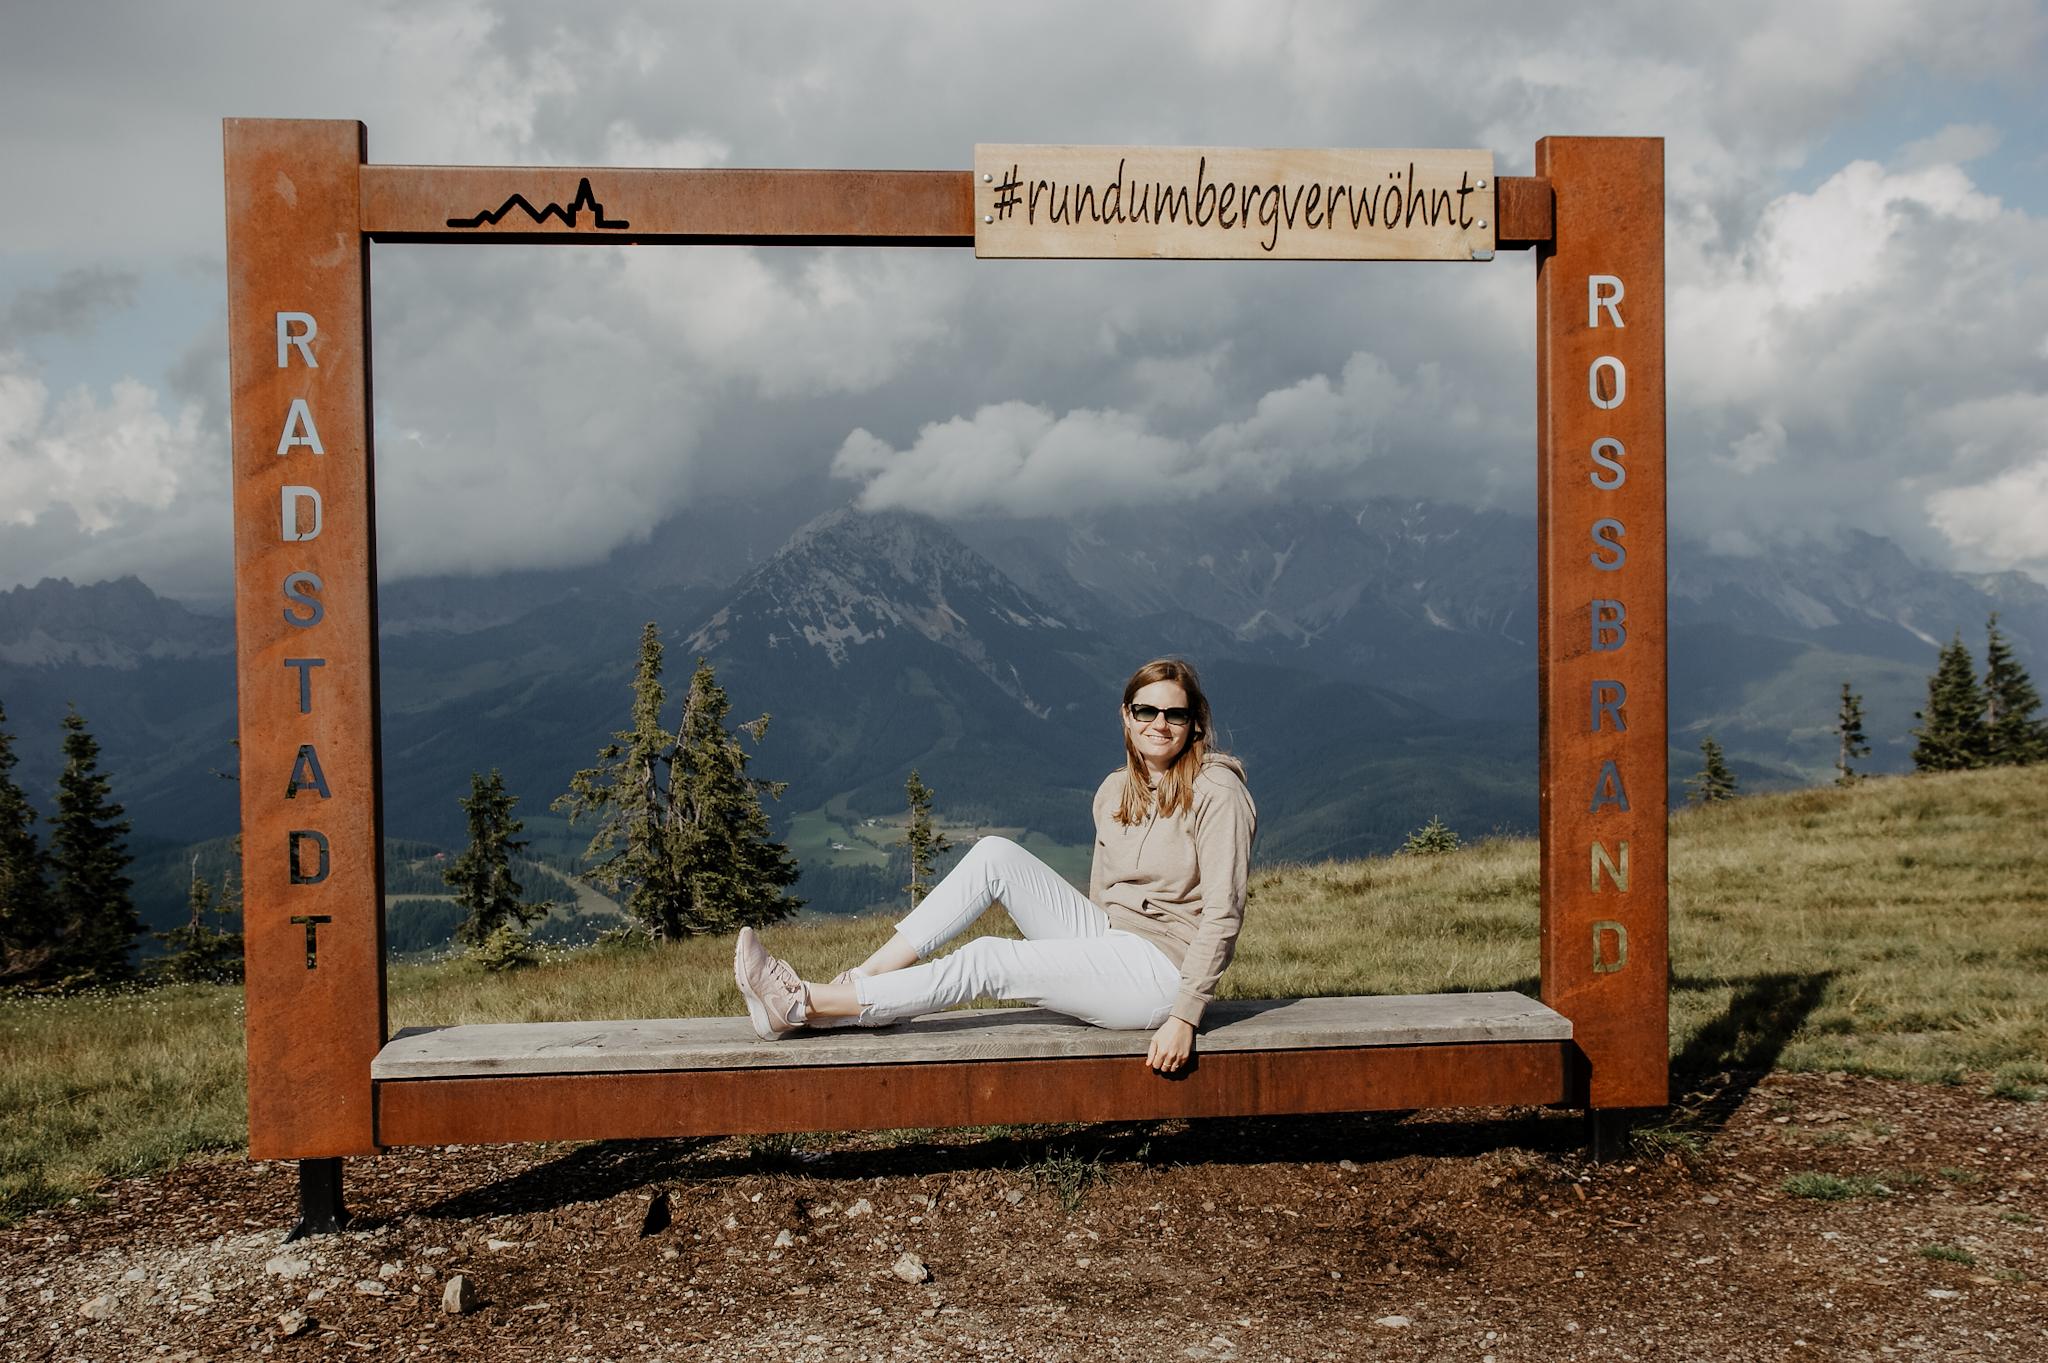 Rossbrand Radstadt Wanderung